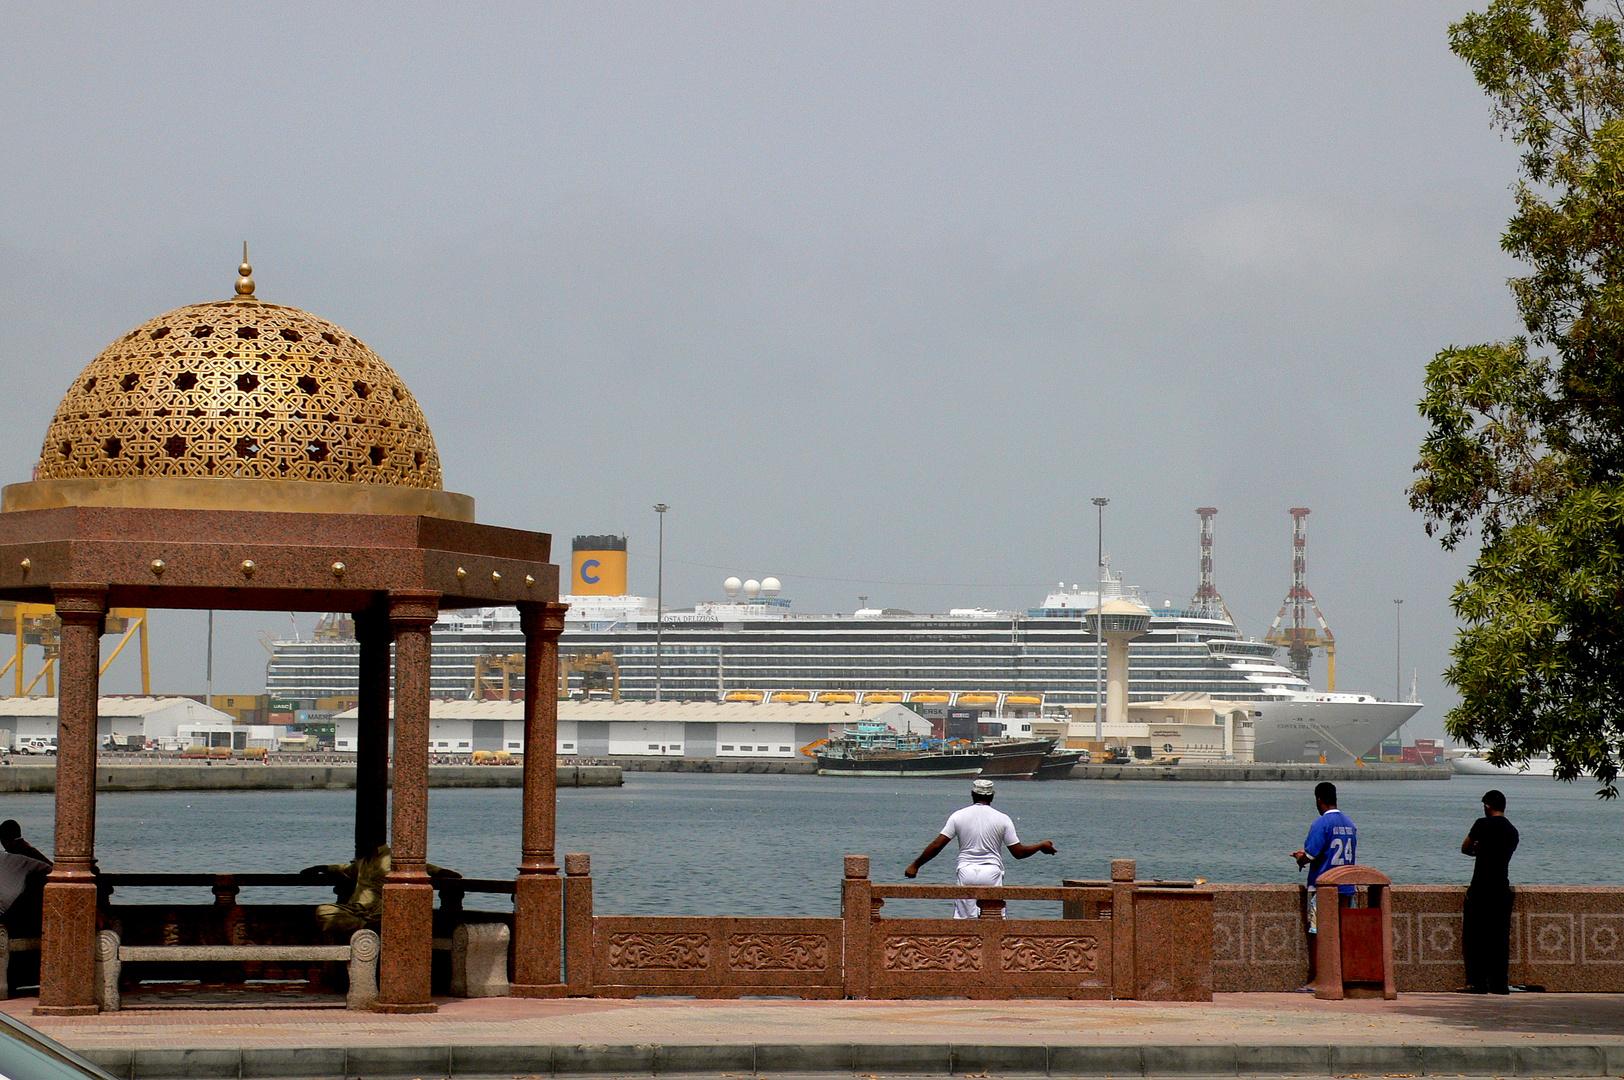 Costa Deliziosa am 24. März 2012 im Hafen von Muscat (Oman)